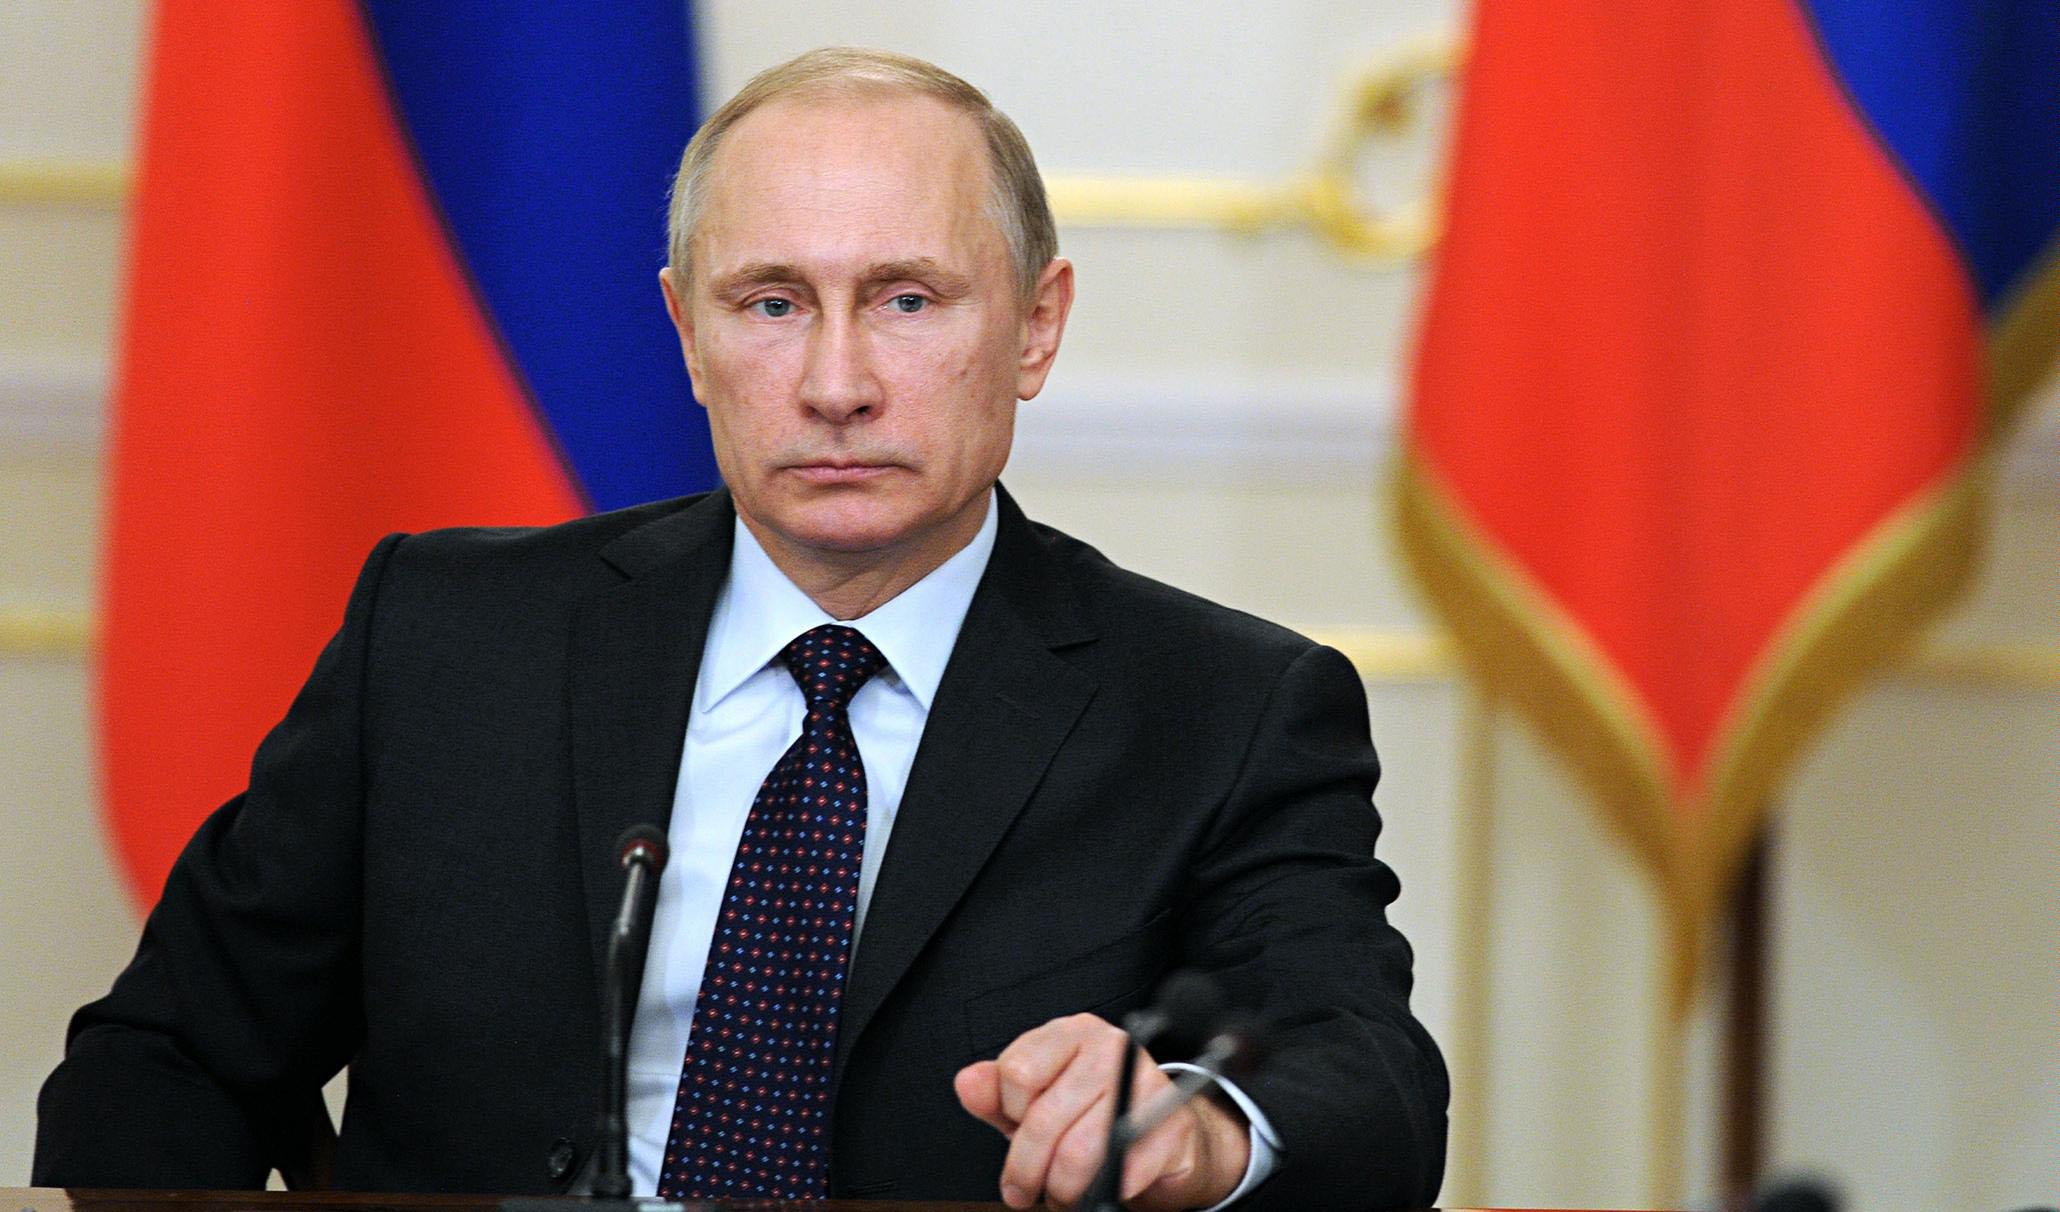 دستور پوتین برای افزایش صادرات گاز به اروپا/ قیمت 22 درصد کاهش یافت